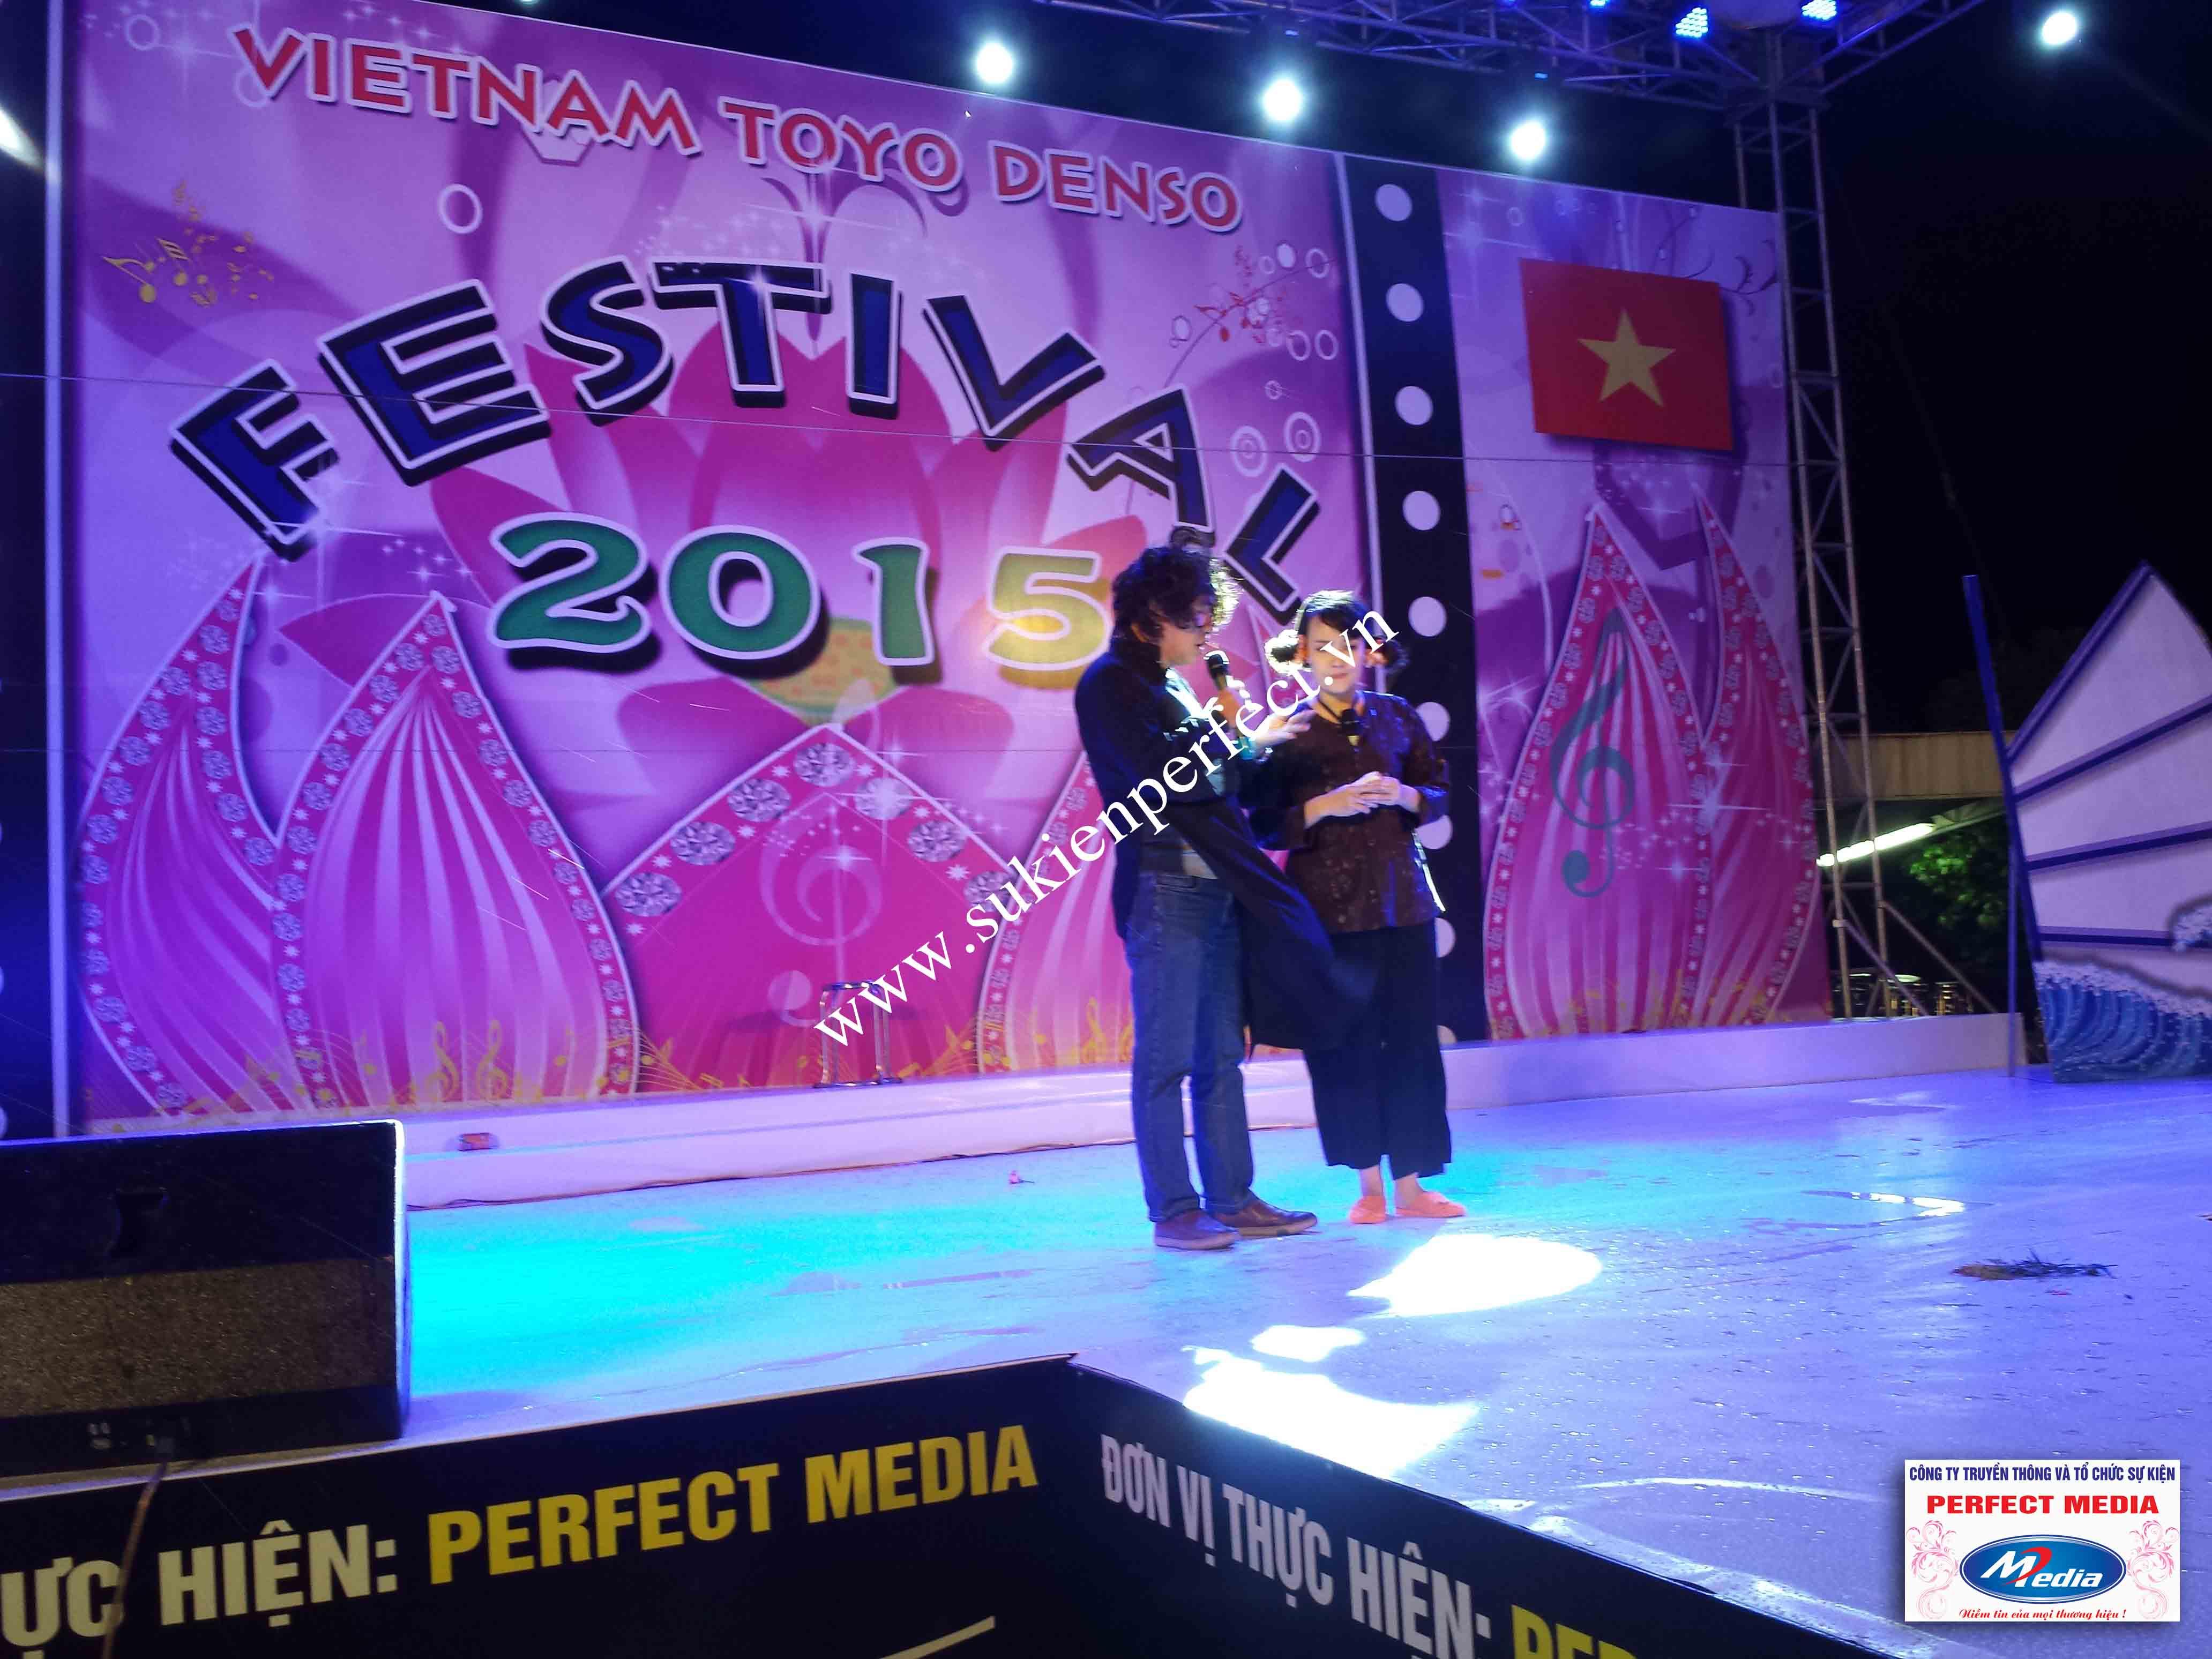 Hình ảnh trong sự kiện Festival Toyo Denso Việt Nam 2015 - 12